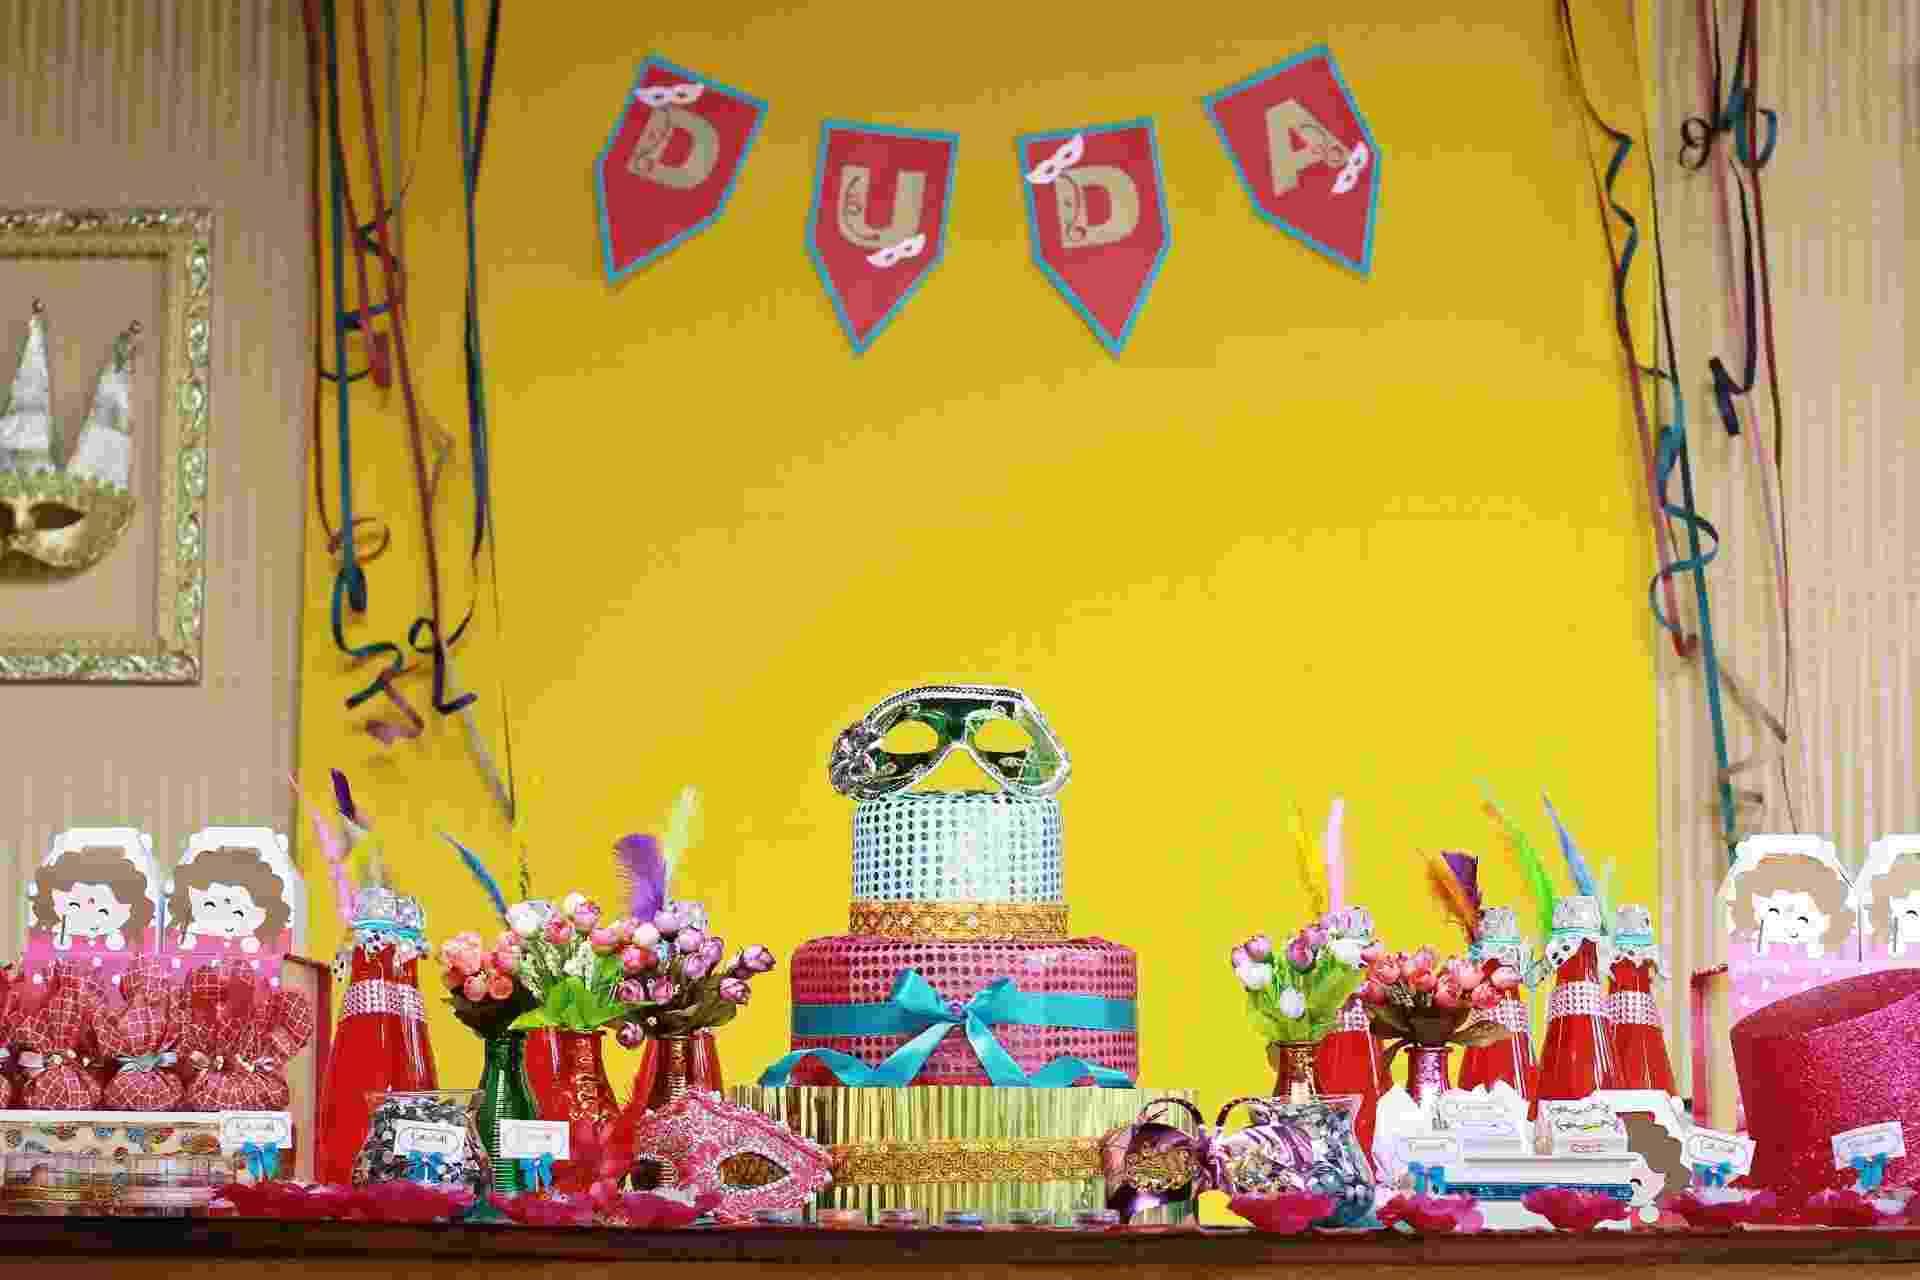 Para comemorar o aniversário de cinco anos da filha, que acontece em fevereiro, a mãe escolheu o tema Carnaval. A família e os amigos foram avisados que a festa, claro, seria à fantasia. Acima, a mesa principal do evento, decorado por Ana Paula Consolino, da Festejar (www.facebook.com/festejarubatuba) - Novaes Neto/Divulgação